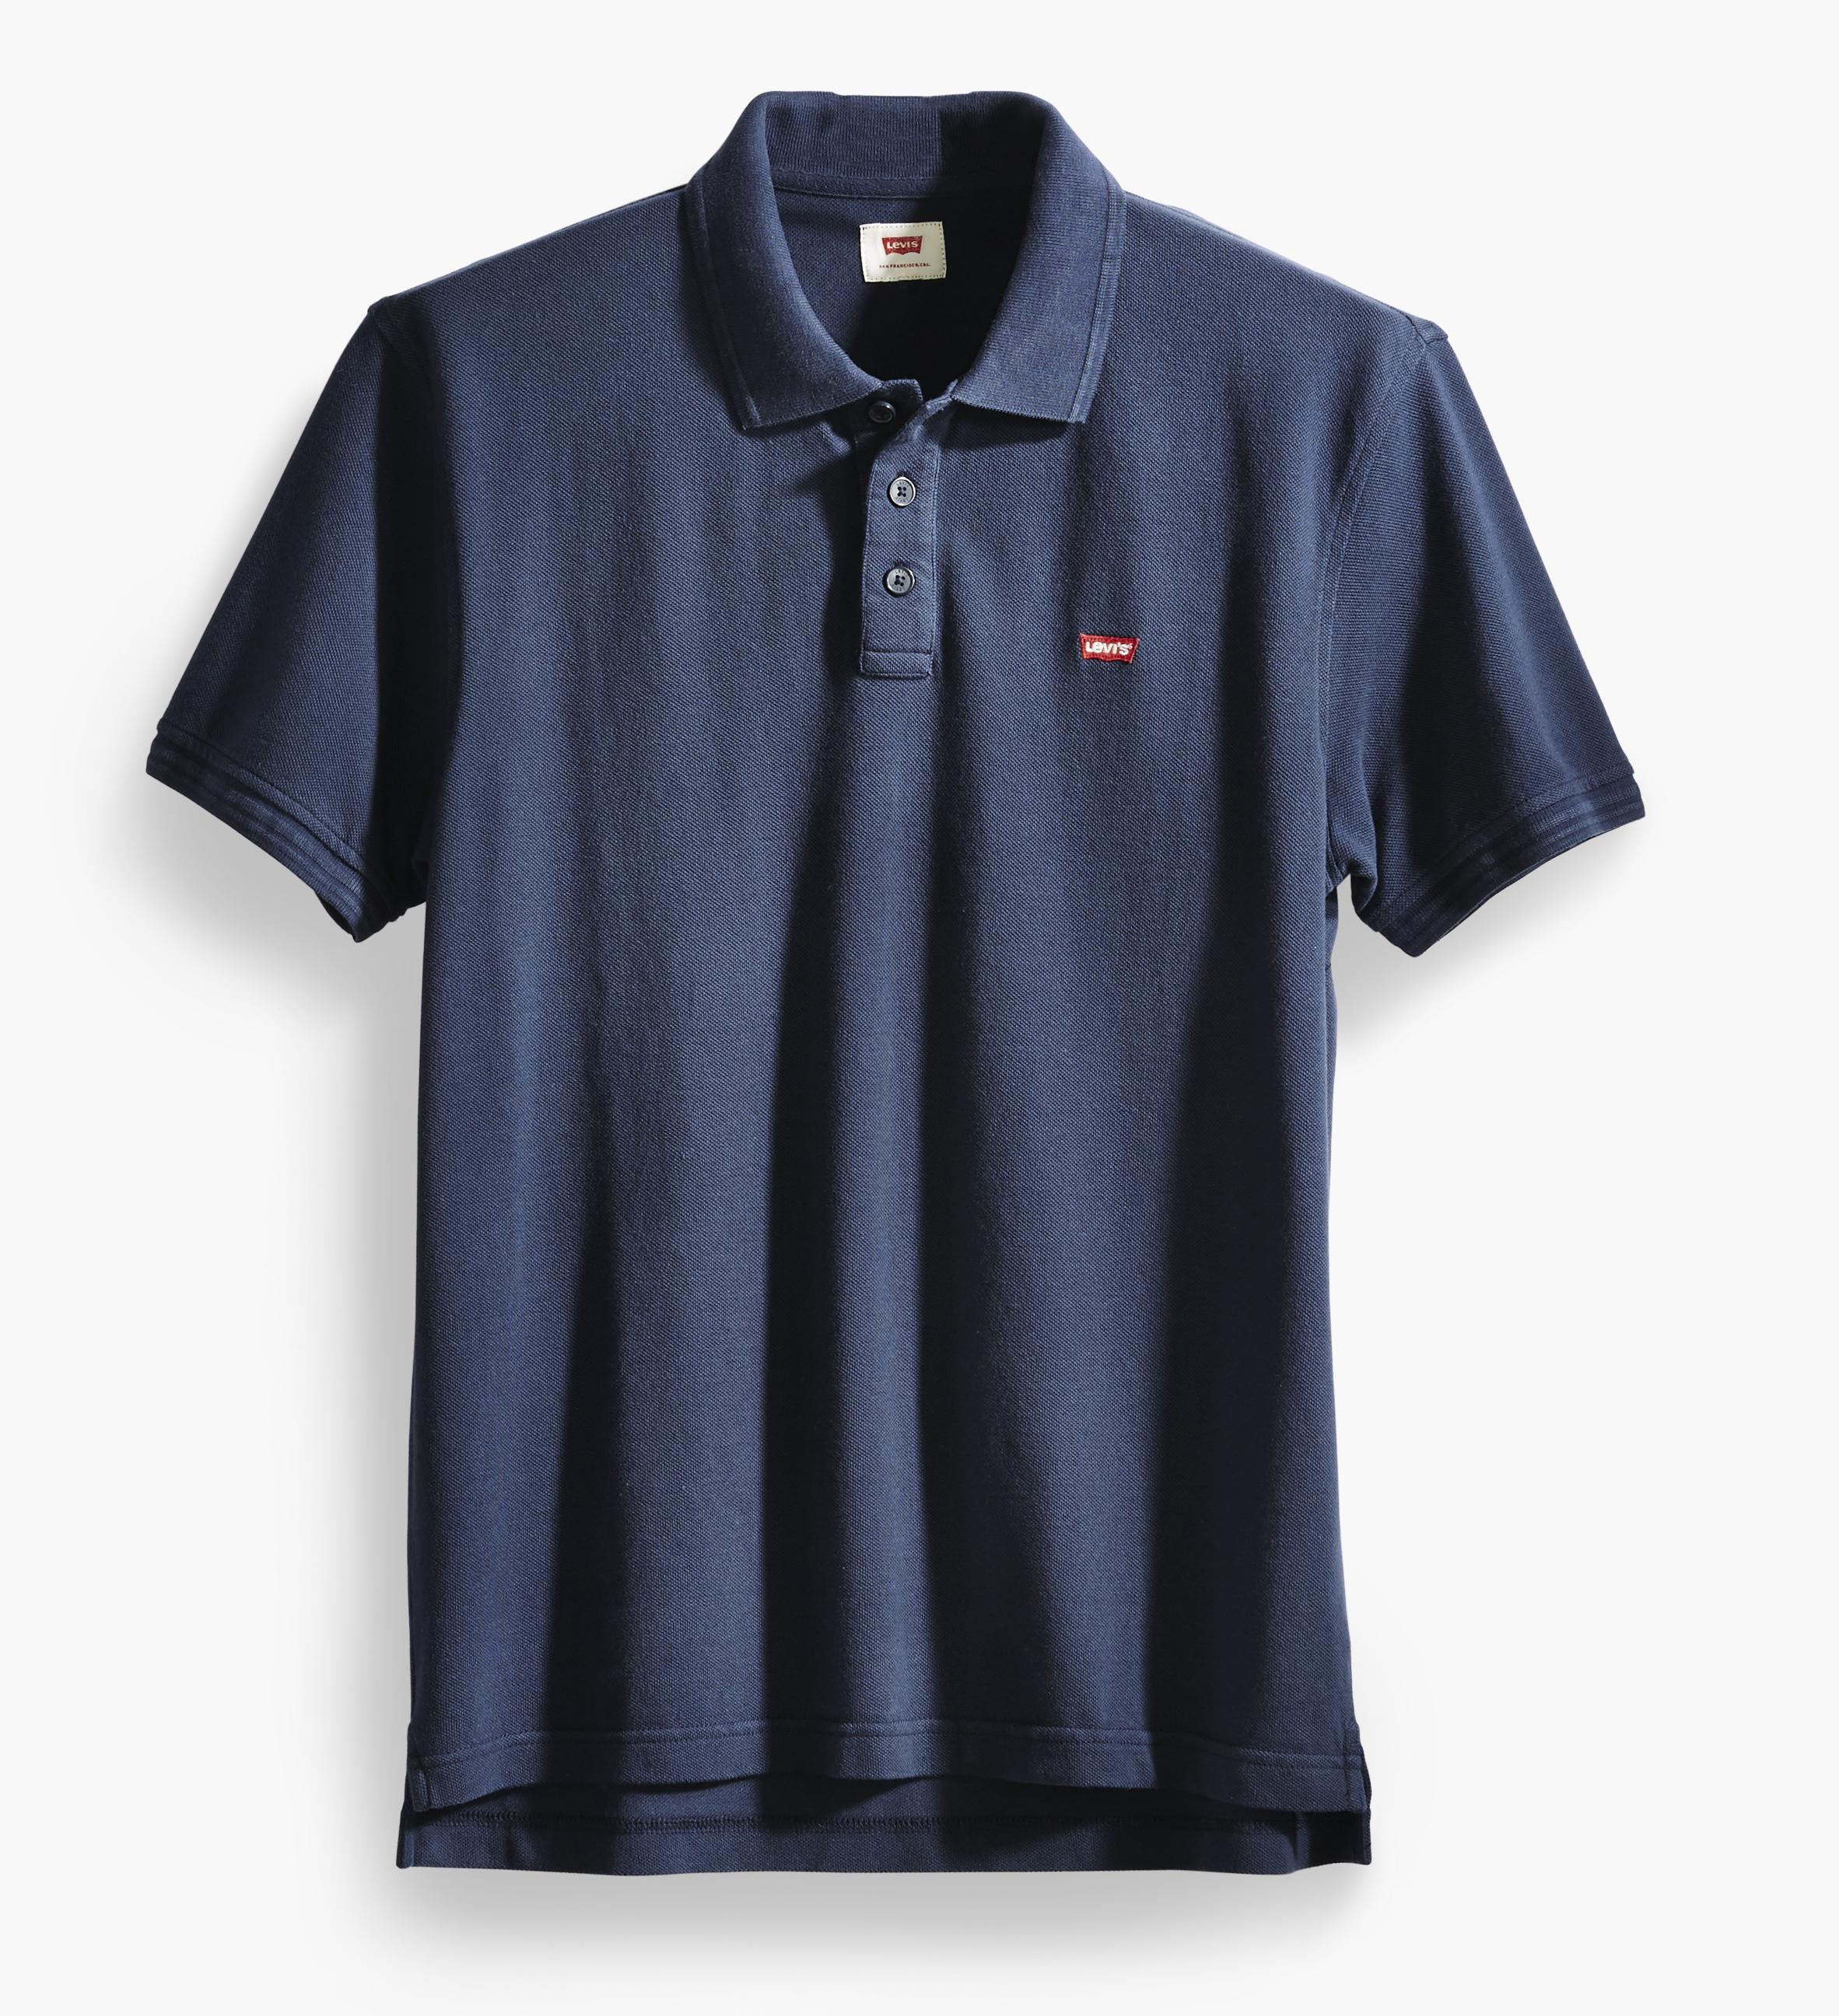 LEVIS Shirt Kurzarm Poloshirt 22401-0003 navy W18-LVPS1